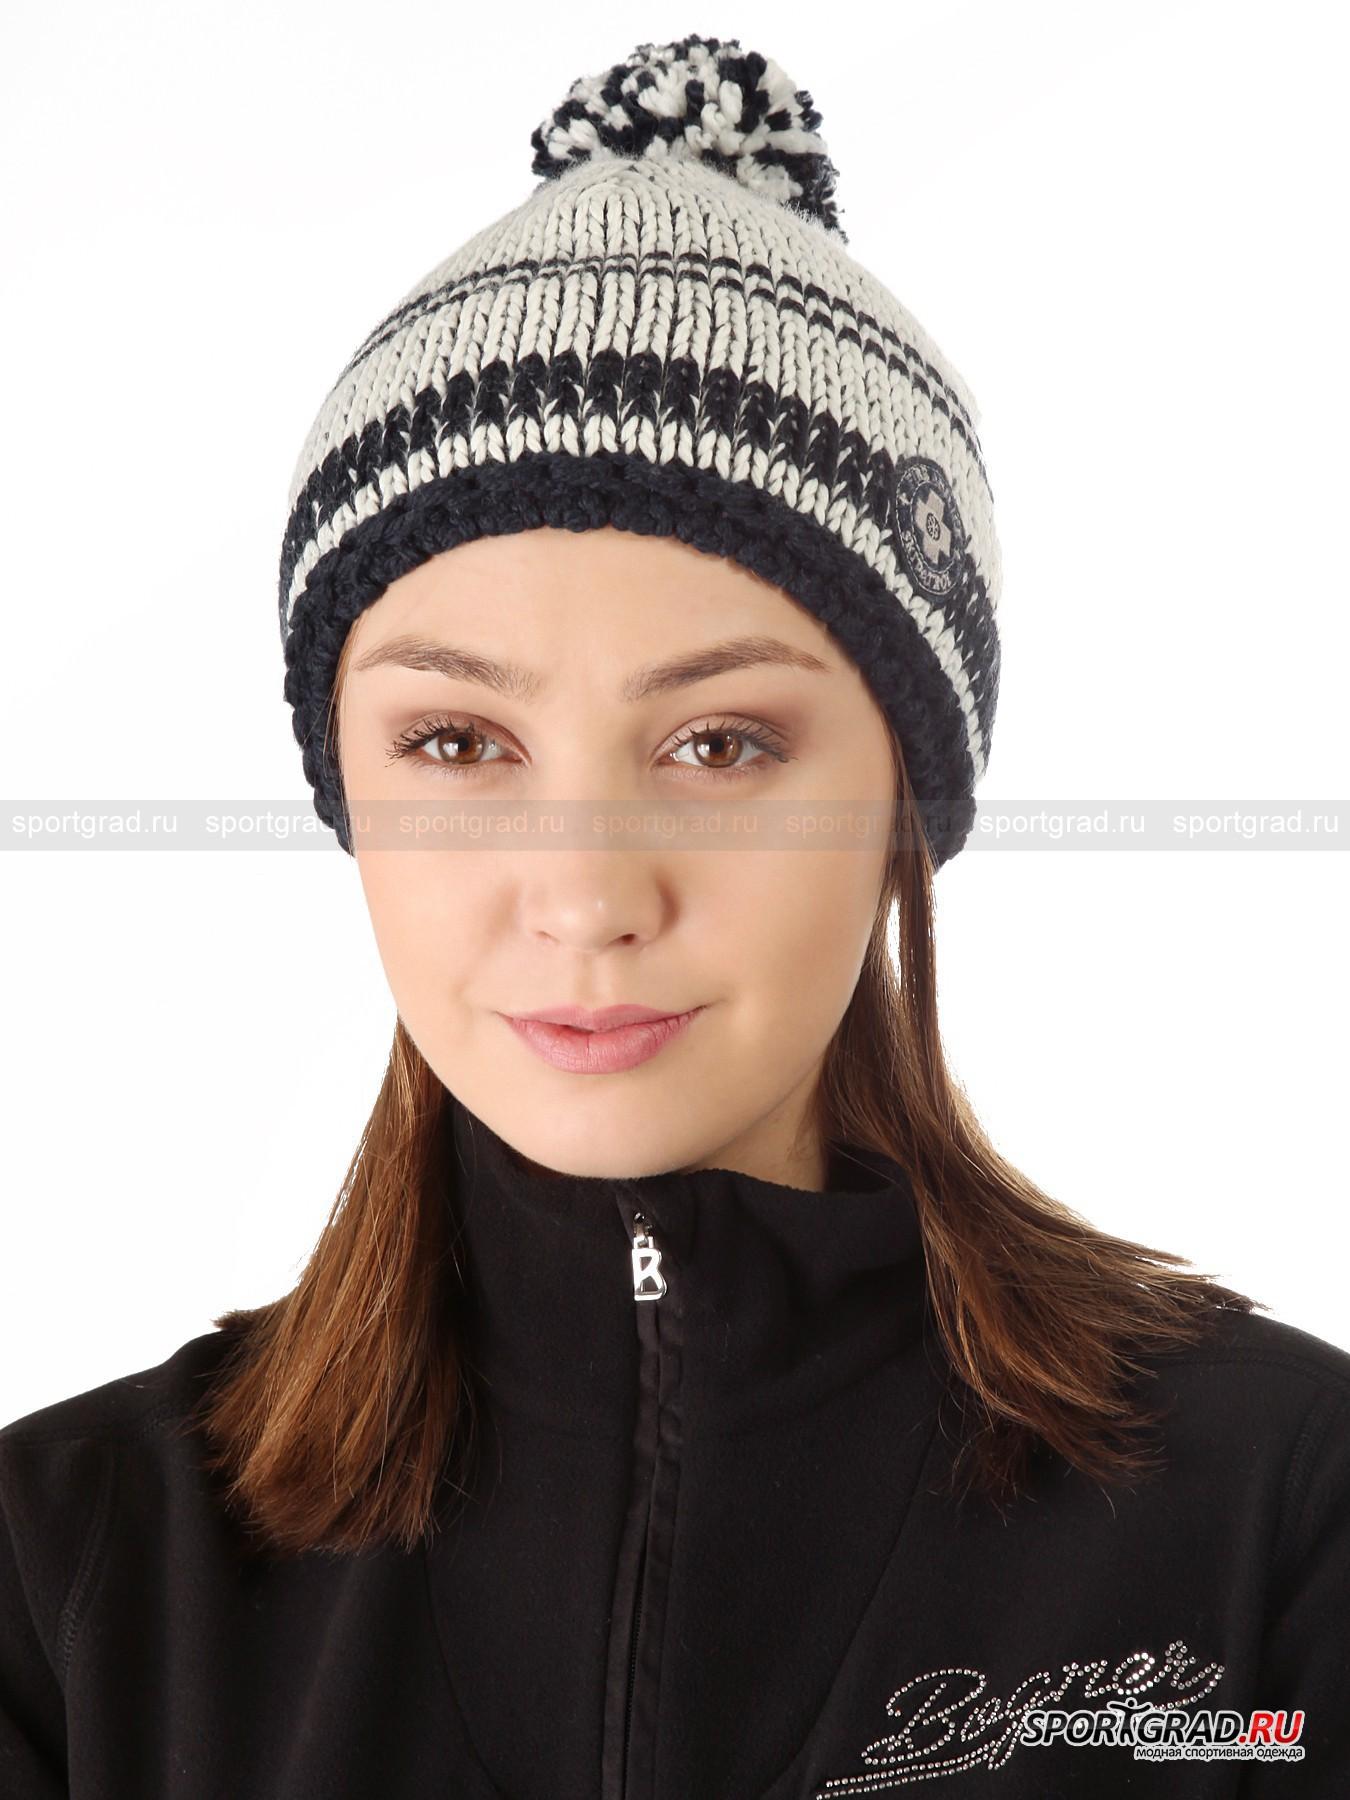 Шапка женская вязаная  Marly BOGNER с флисовой вставкой изнутриГоловные Уборы<br>Сбоку декорированная нашивкой шапка Marly BOGNER с помпоном. Фактурная вязка, рельефная «резинка» по низу и флисовая влагоотводящая вставка изнутри – изделие создано защищать от холодного ветра в городе и на склоне. Расцветку модели уточняйте у оператора.<br><br>Ширина флисовой вставки 6, 5 см, диаметр окружности 25 см (размер L).<br><br>Пол: Женский<br>Возраст: Взрослый<br>Тип: Головные Уборы<br>Рекомендации по уходу: Изделию показана машинная стирка при температуре строго 30°, глажка при температуре, не превышающей 110°, и щадящая химчистка. Запрещены отбеливание и сушка в барабане или электросушилке для белья.<br>Состав: Основное изделие: 50% шерсть, 50% поликарил. Подкладка: 100% полиэстер.